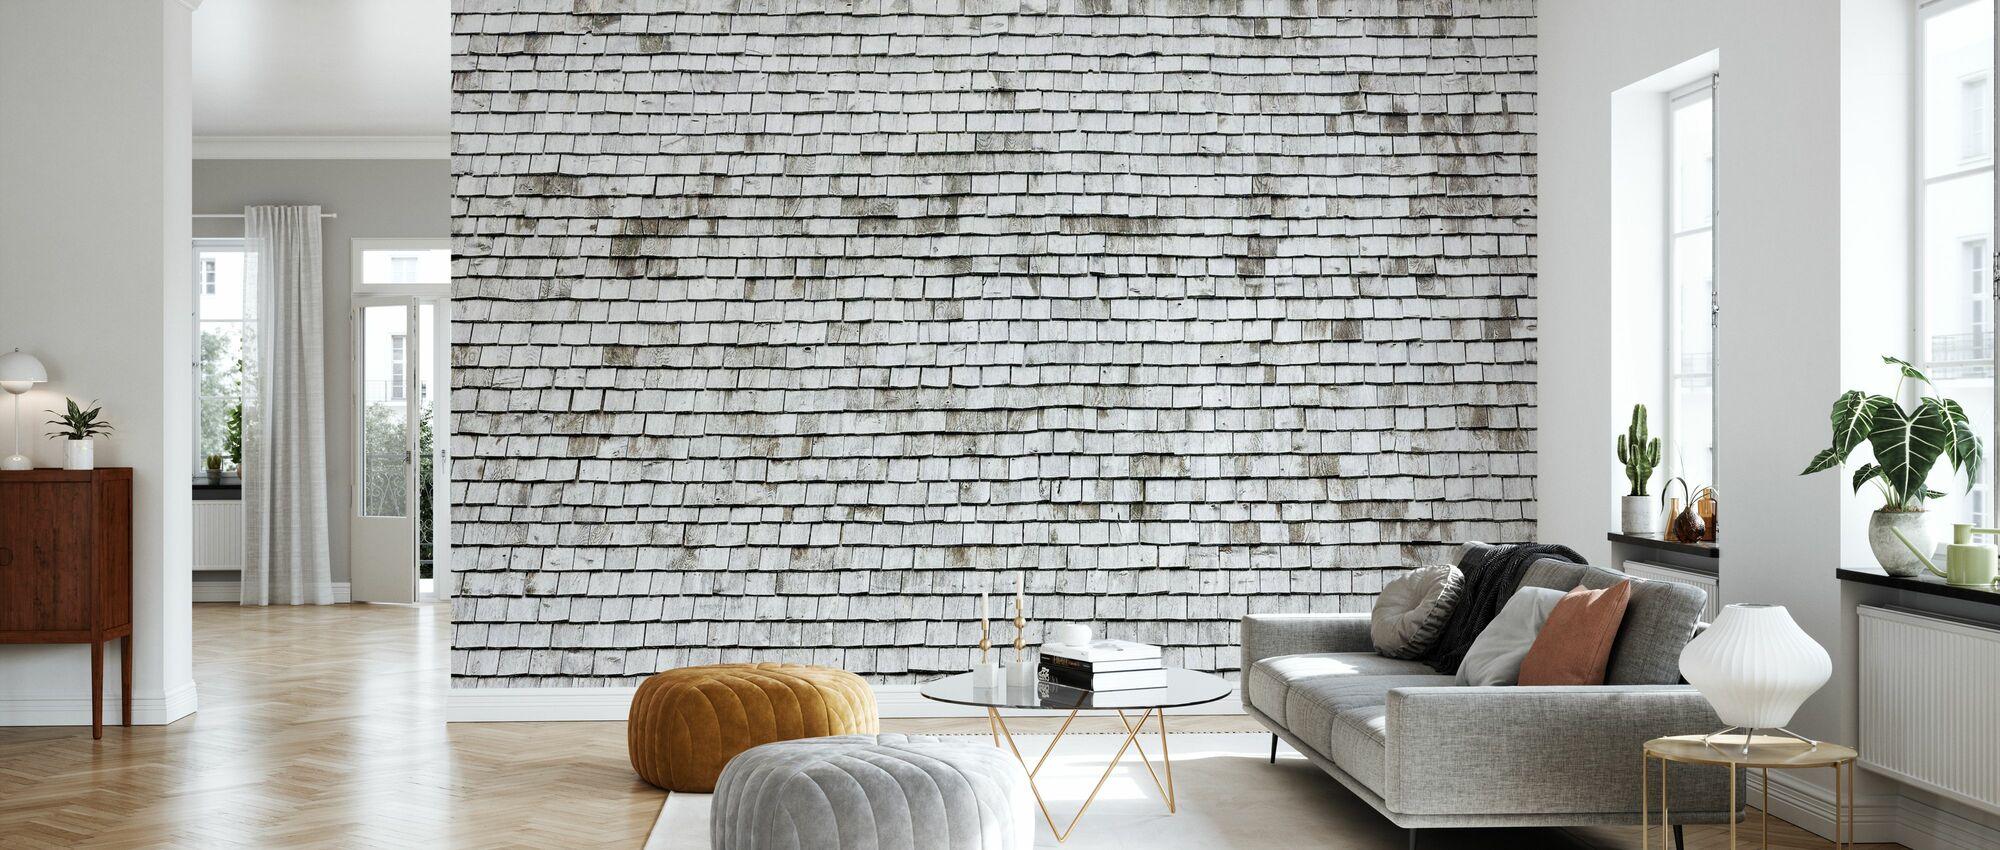 Shingled Roof - Wallpaper - Living Room